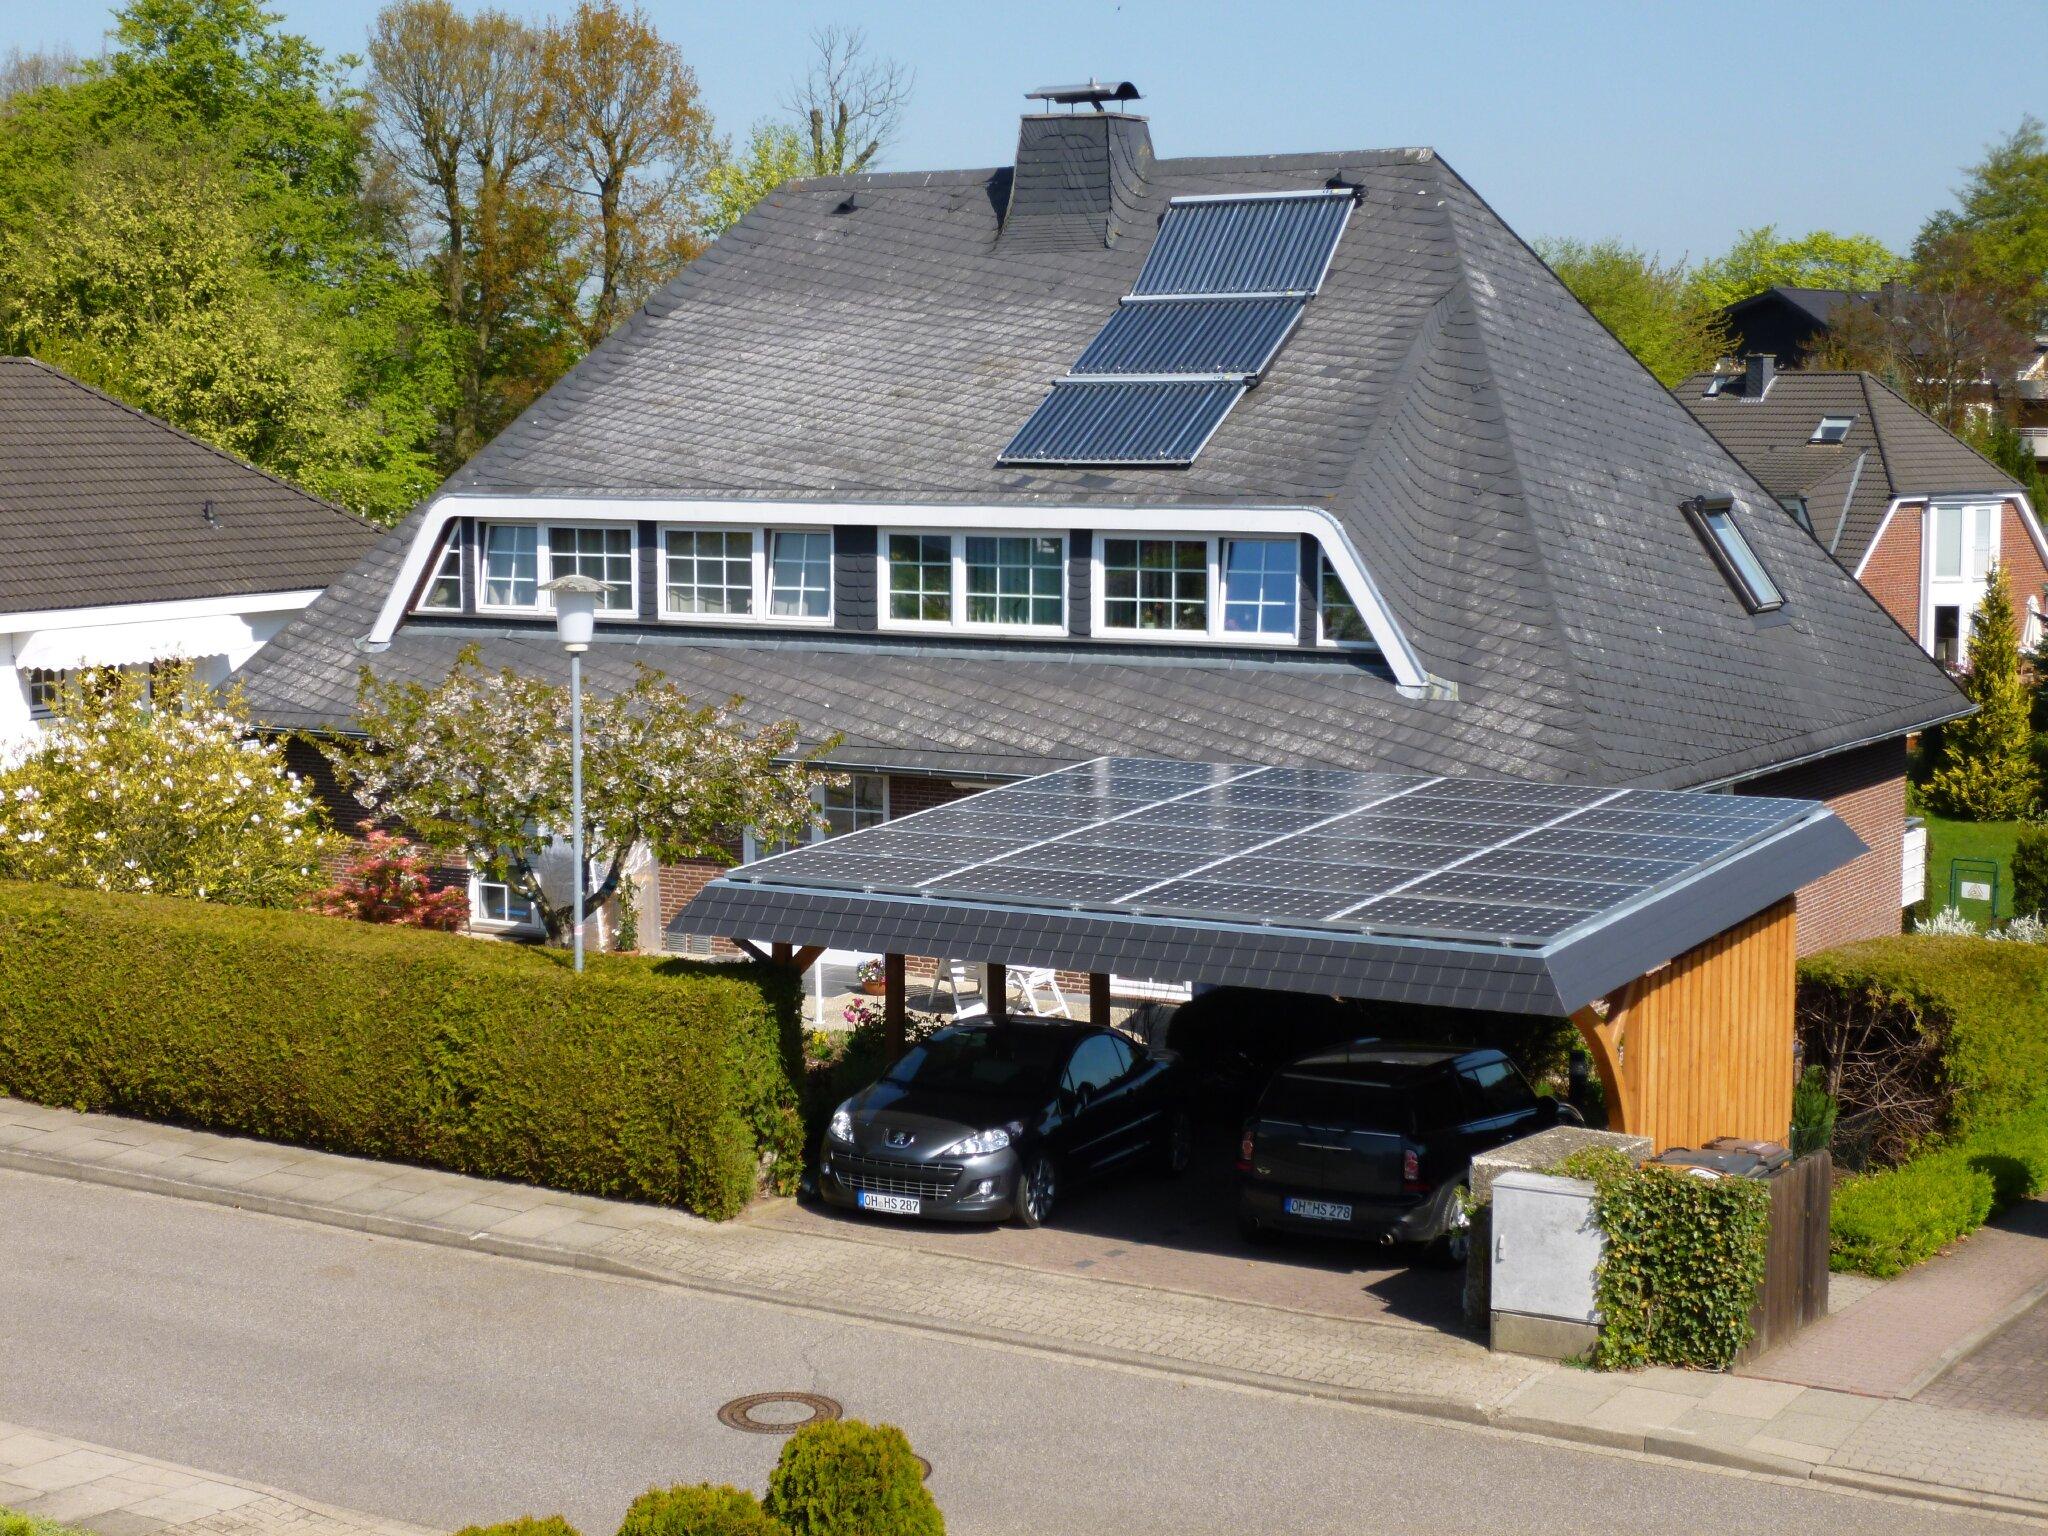 Residenz Erlenweg in Scharbeutz